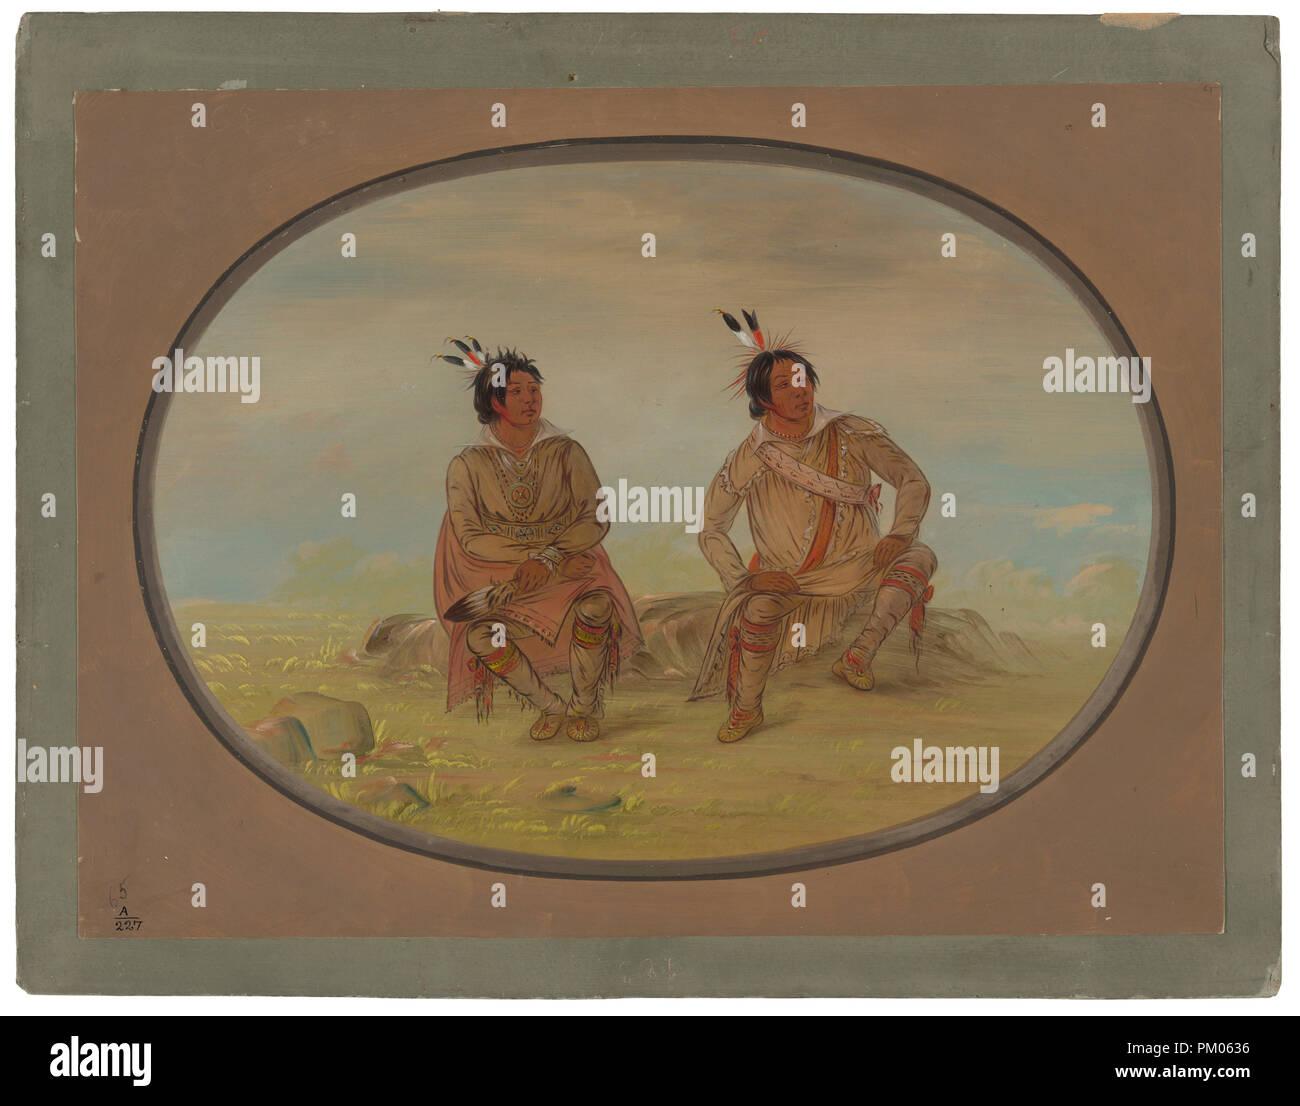 George Washington Indians Stock Photos & George Washington